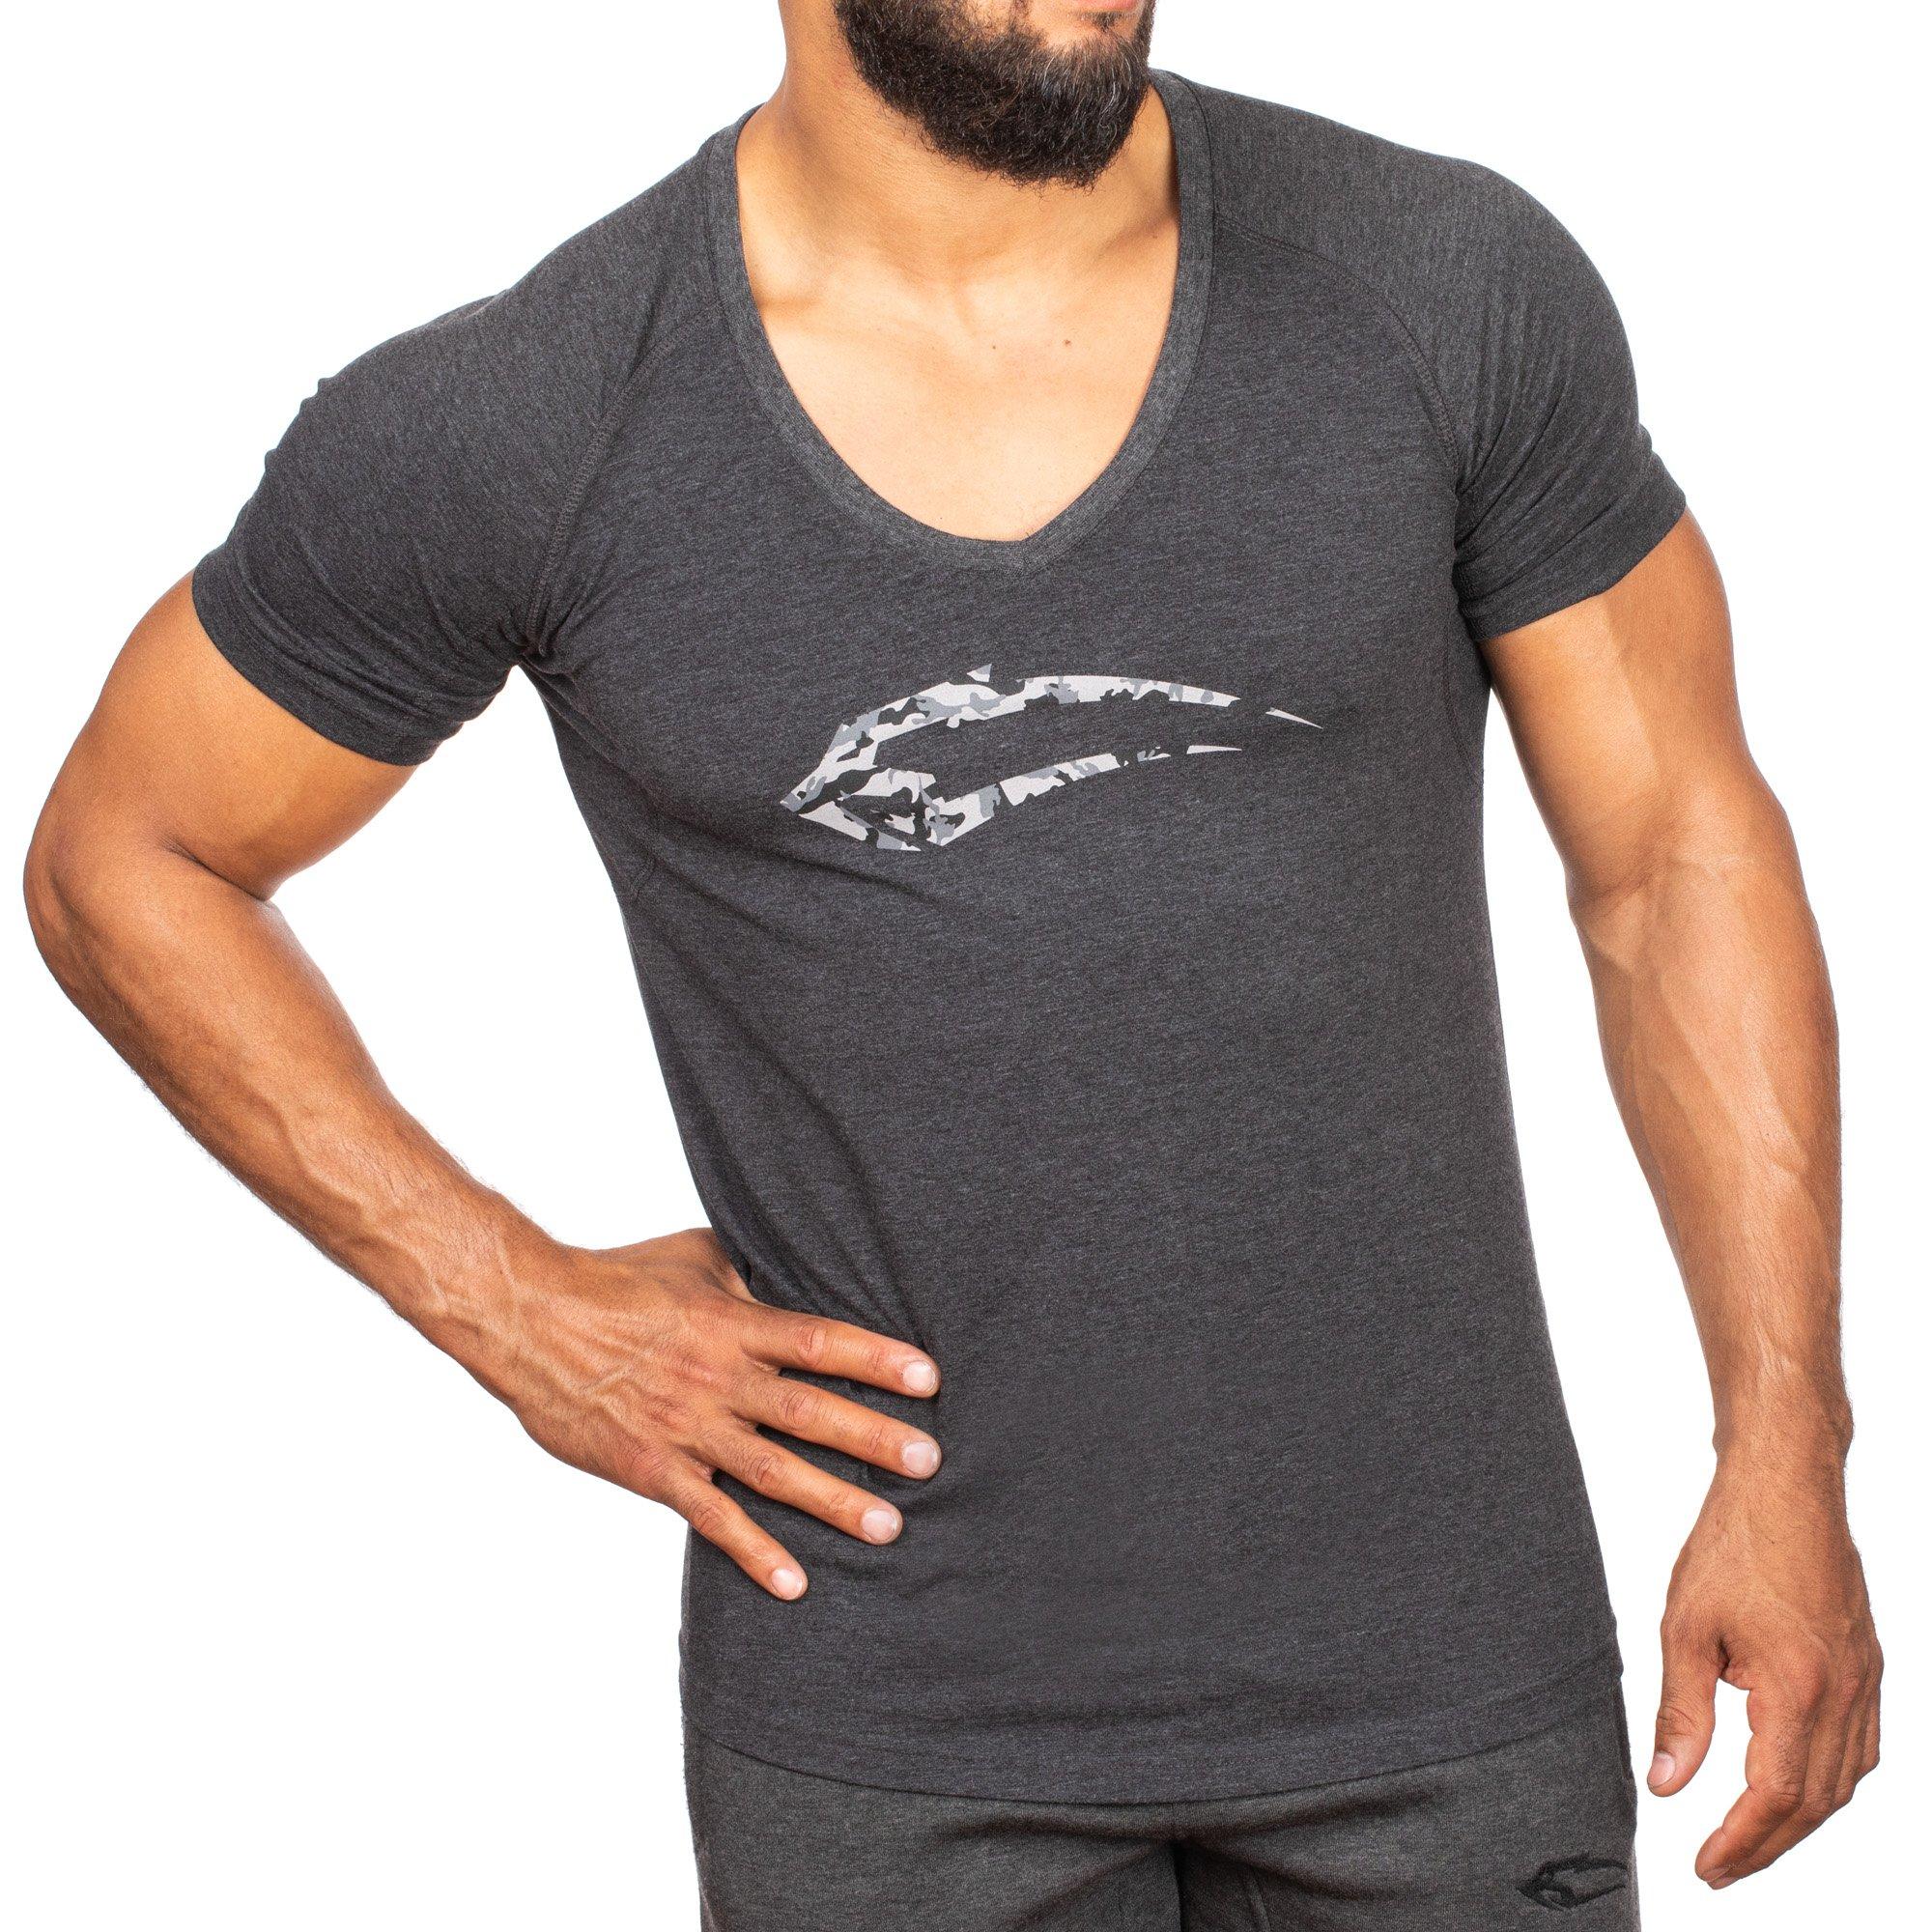 Sport & Unterhaltung Geschickt 2019 Sport Männer T-shirt T-shirt Kurzarm Kompression Shirt Gym T-shirt Fitness Männer Der Hemd